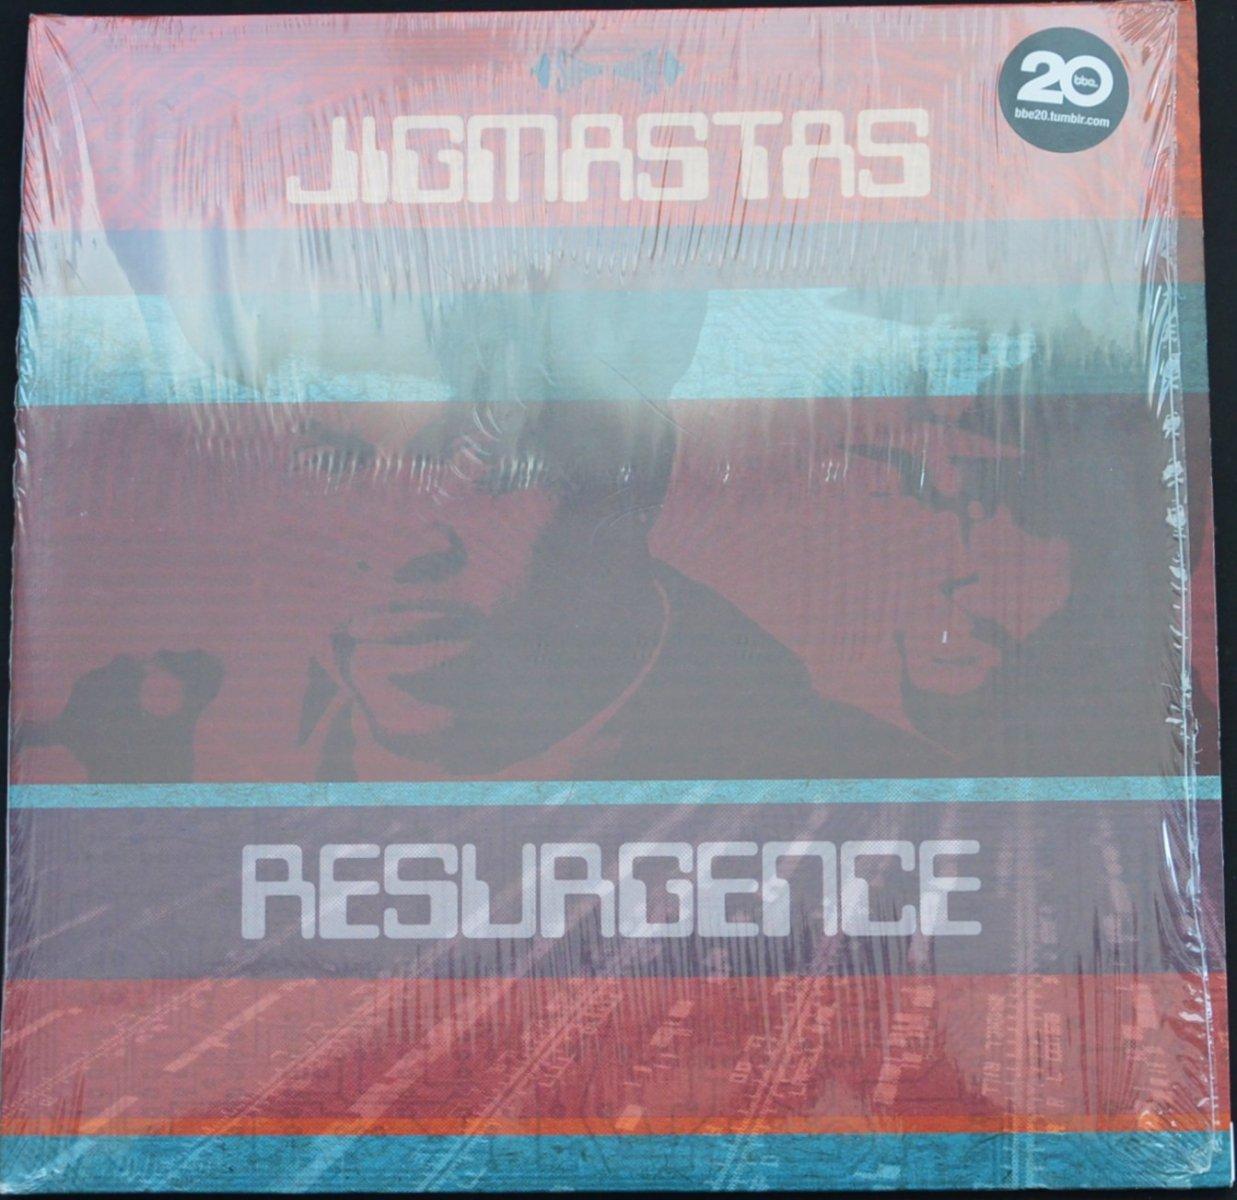 JIGMASTAS / RESURGENCE (2LP)